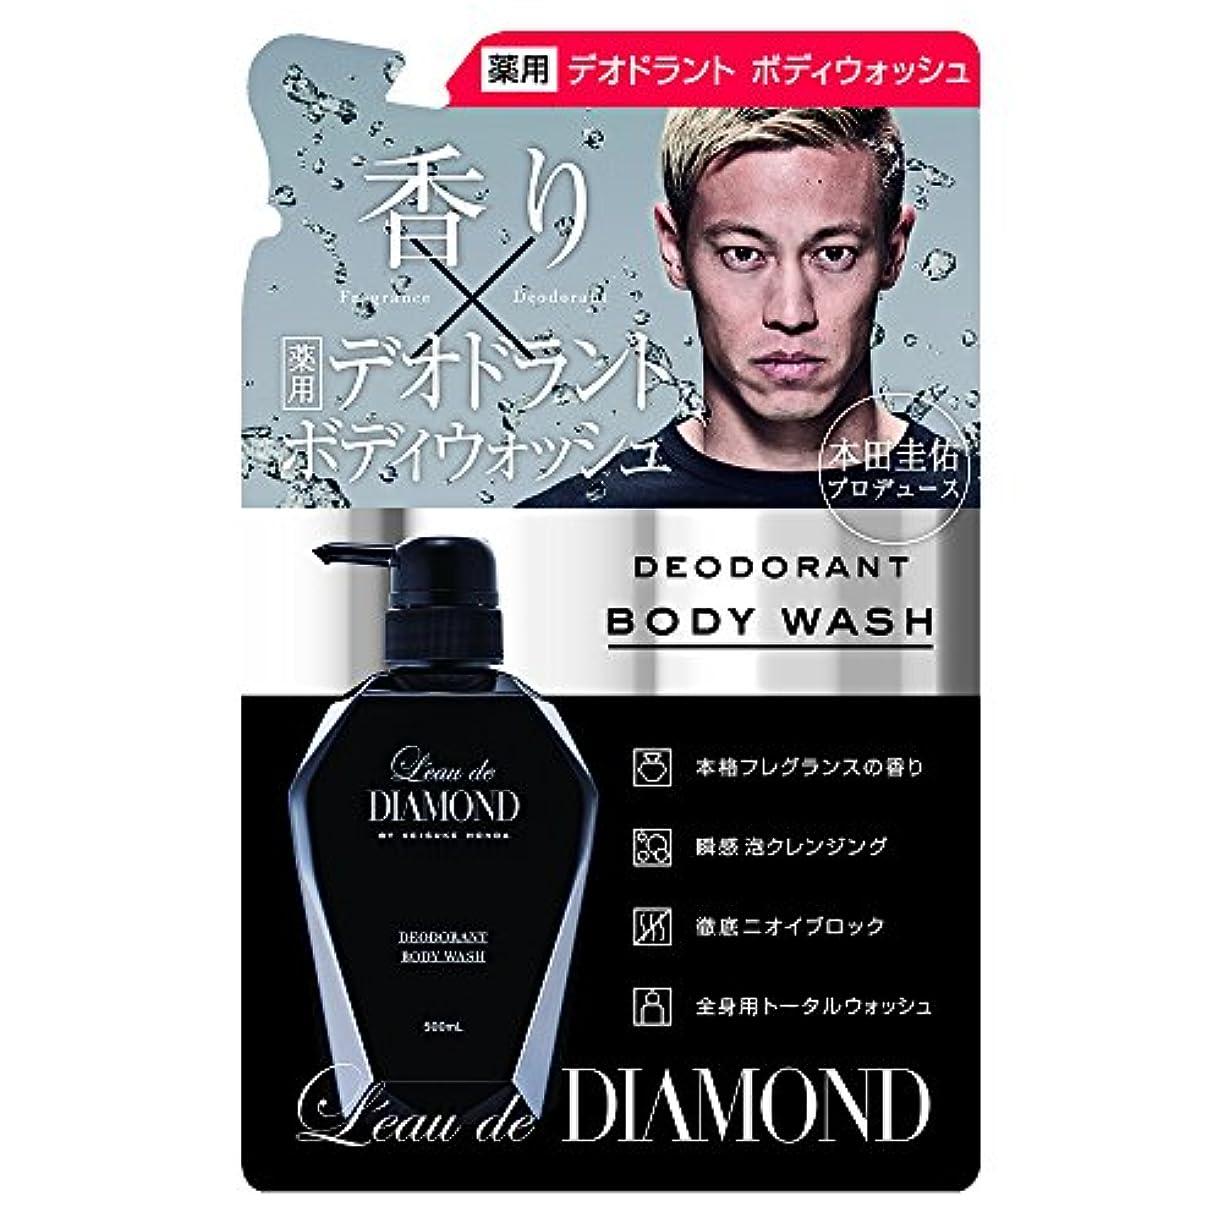 撤退綺麗なイソギンチャクロードダイアモンド 薬用デオドラントボディウォッシュ レフィル 430ml